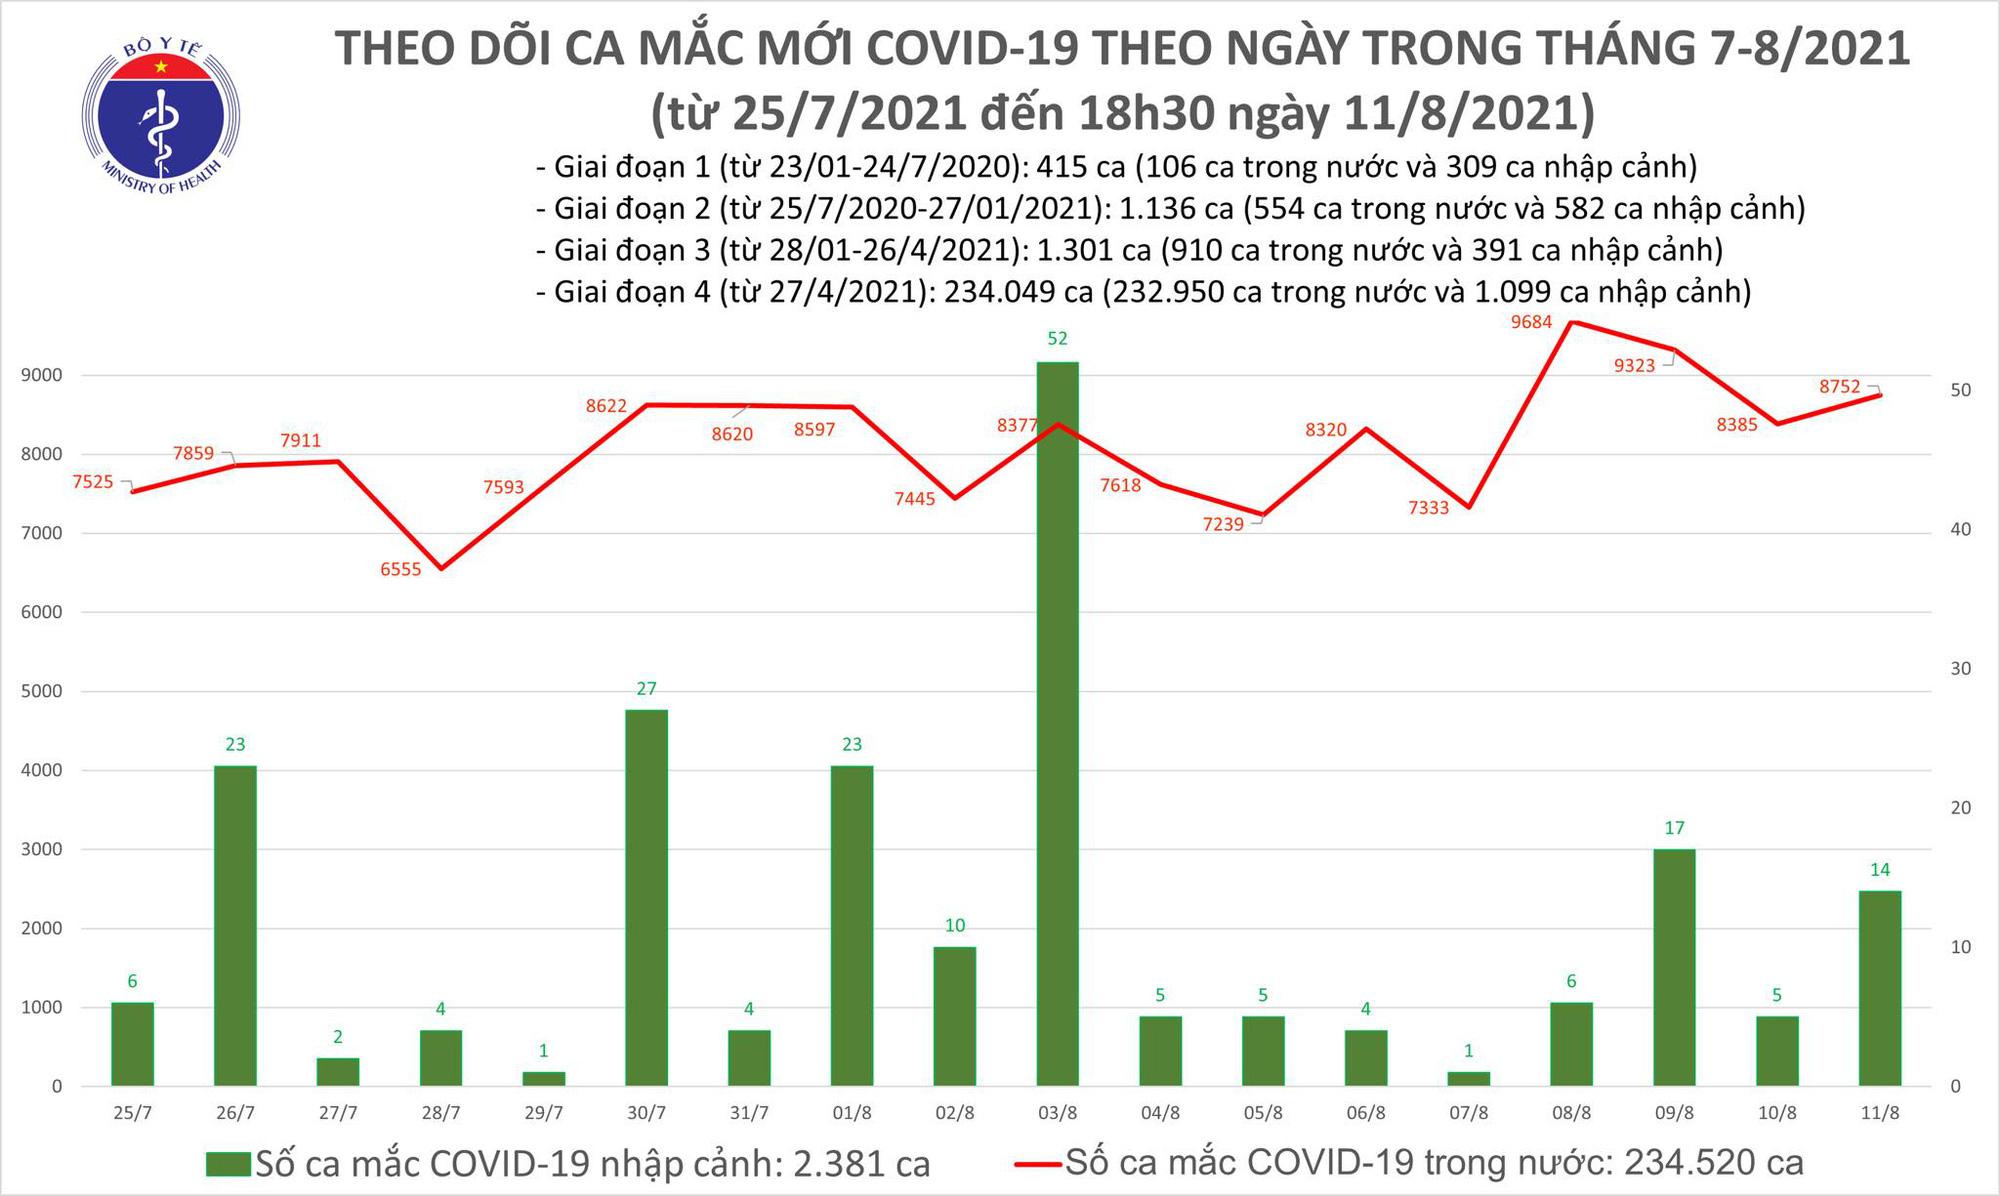 Tối 11/8: Thêm 3.964 ca mắc COVID-19, nâng tổng mắc của ngày lên 8.776 ca; có 4.808 bệnh nhân khỏi - Ảnh 1.